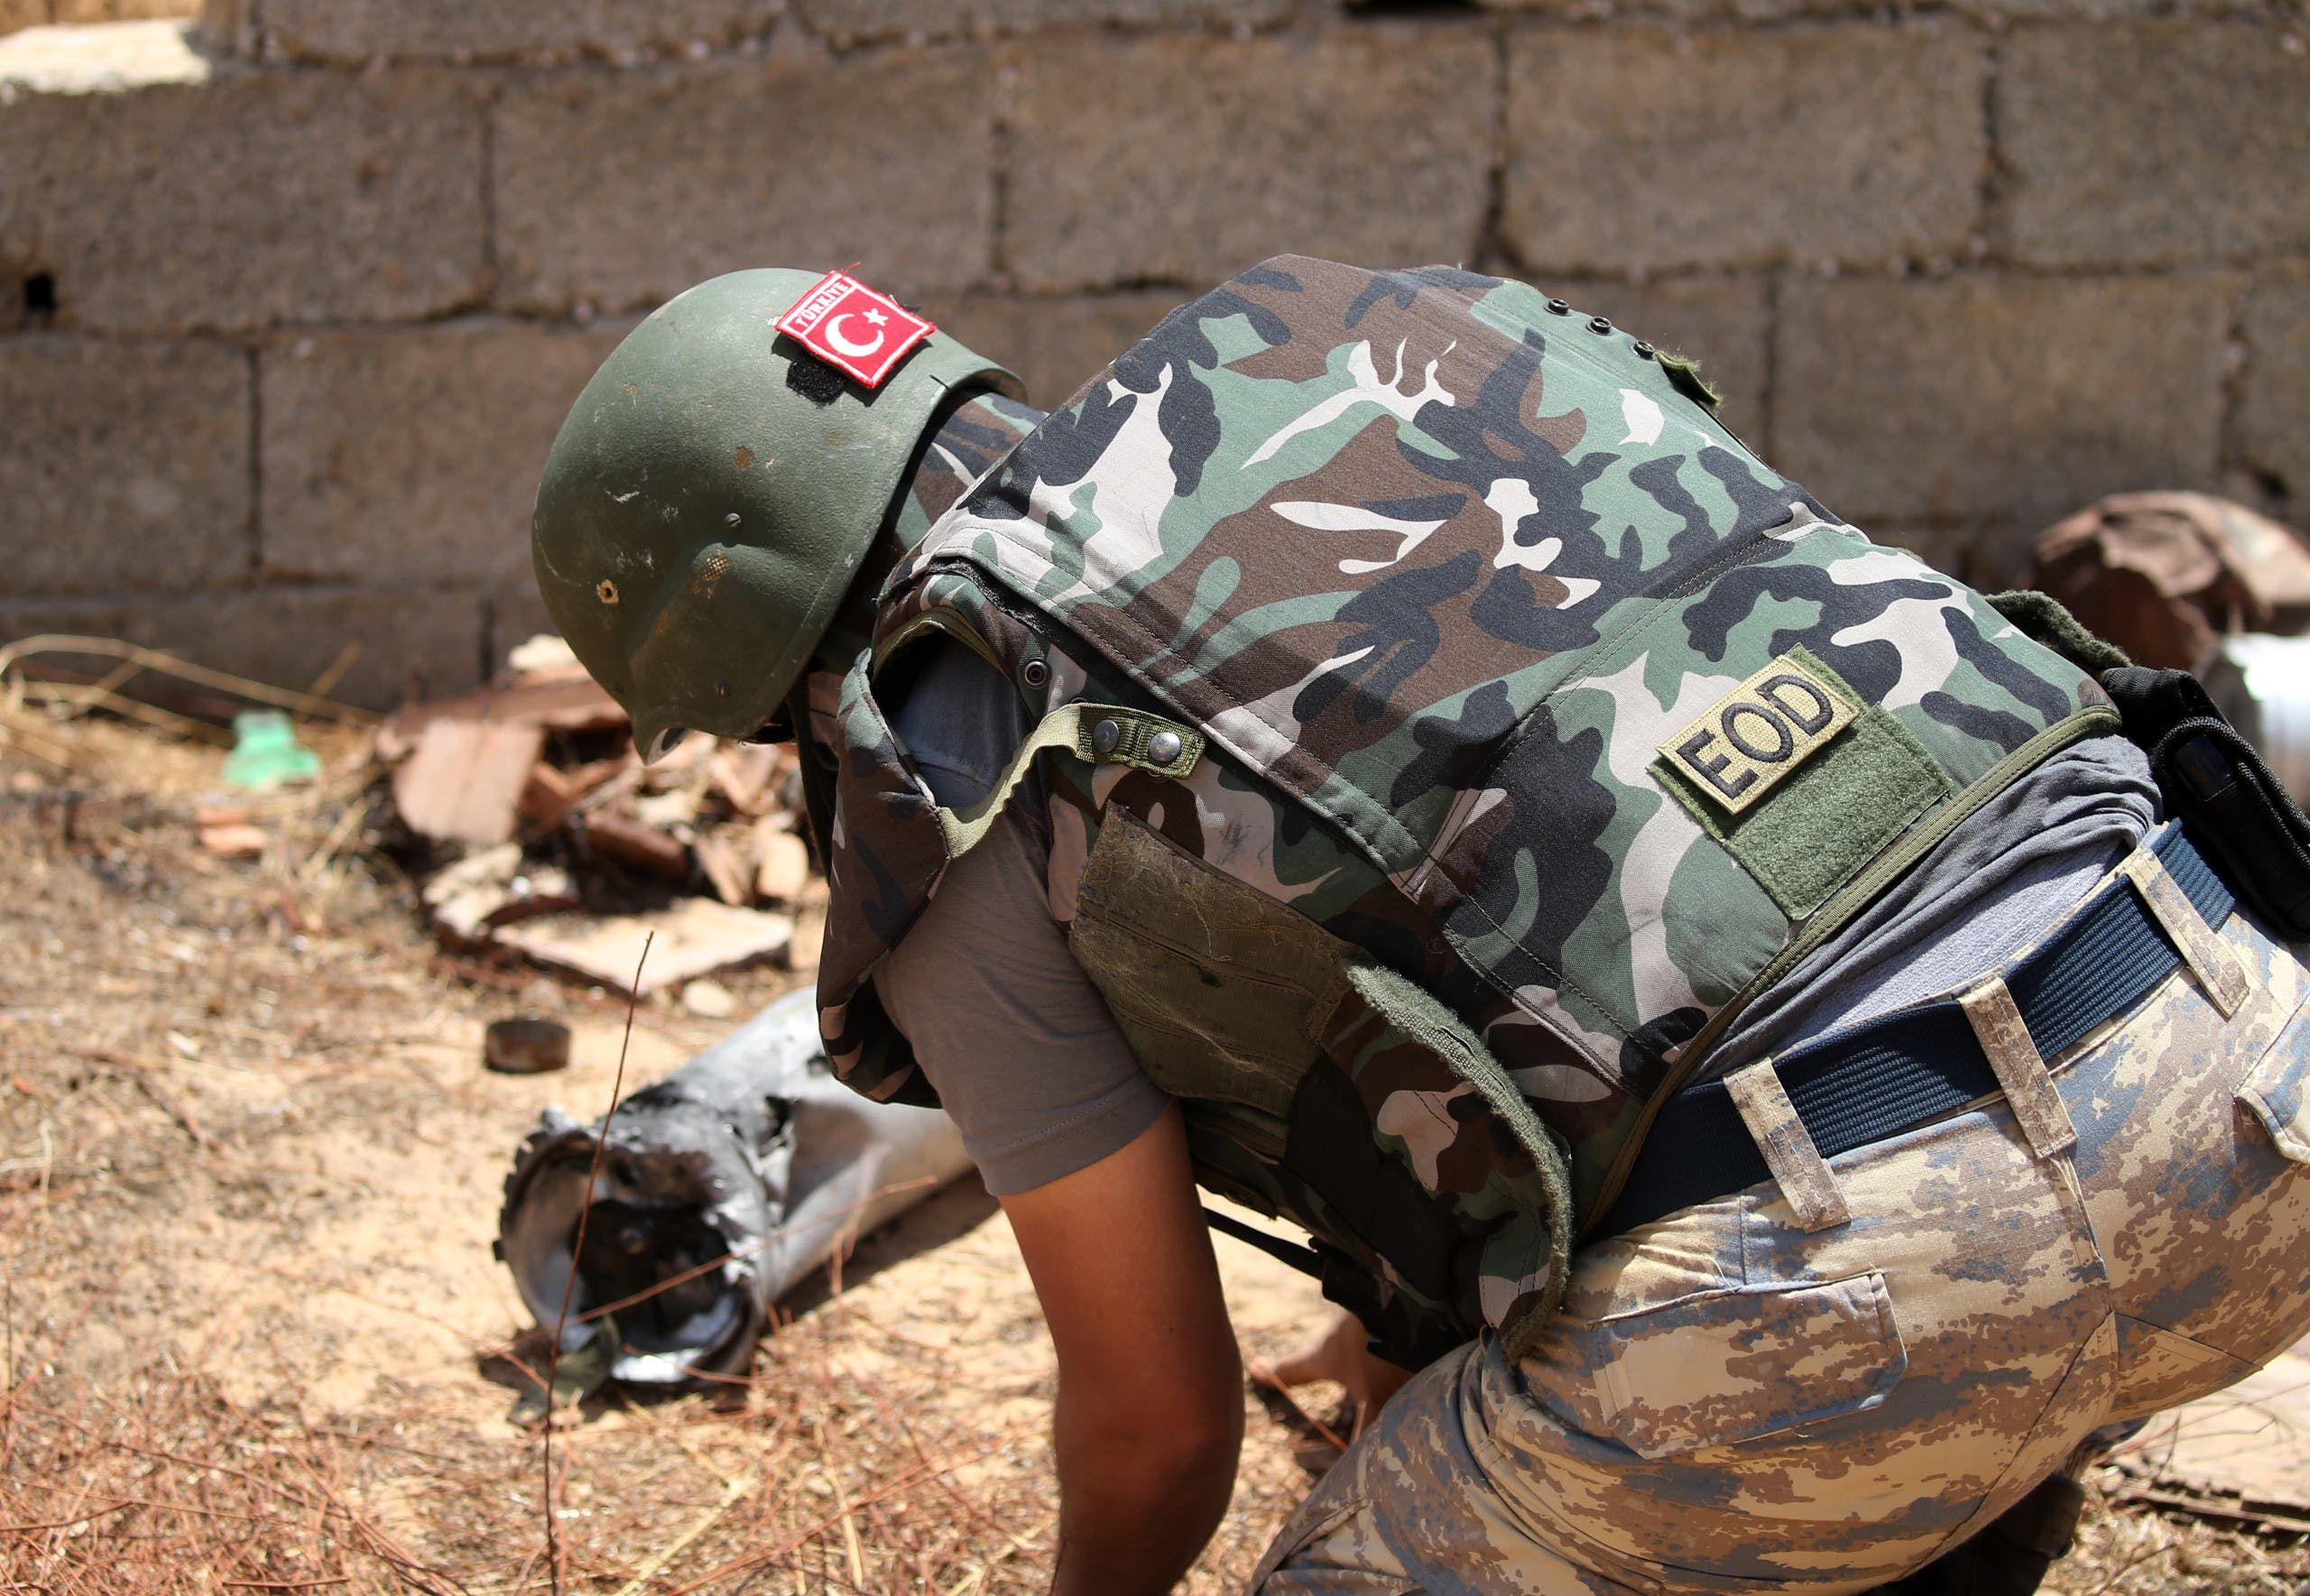 أحد الجنود الأتراك لتفكيك الألغام في طرابلس(أرشيفية- فرانس برس)